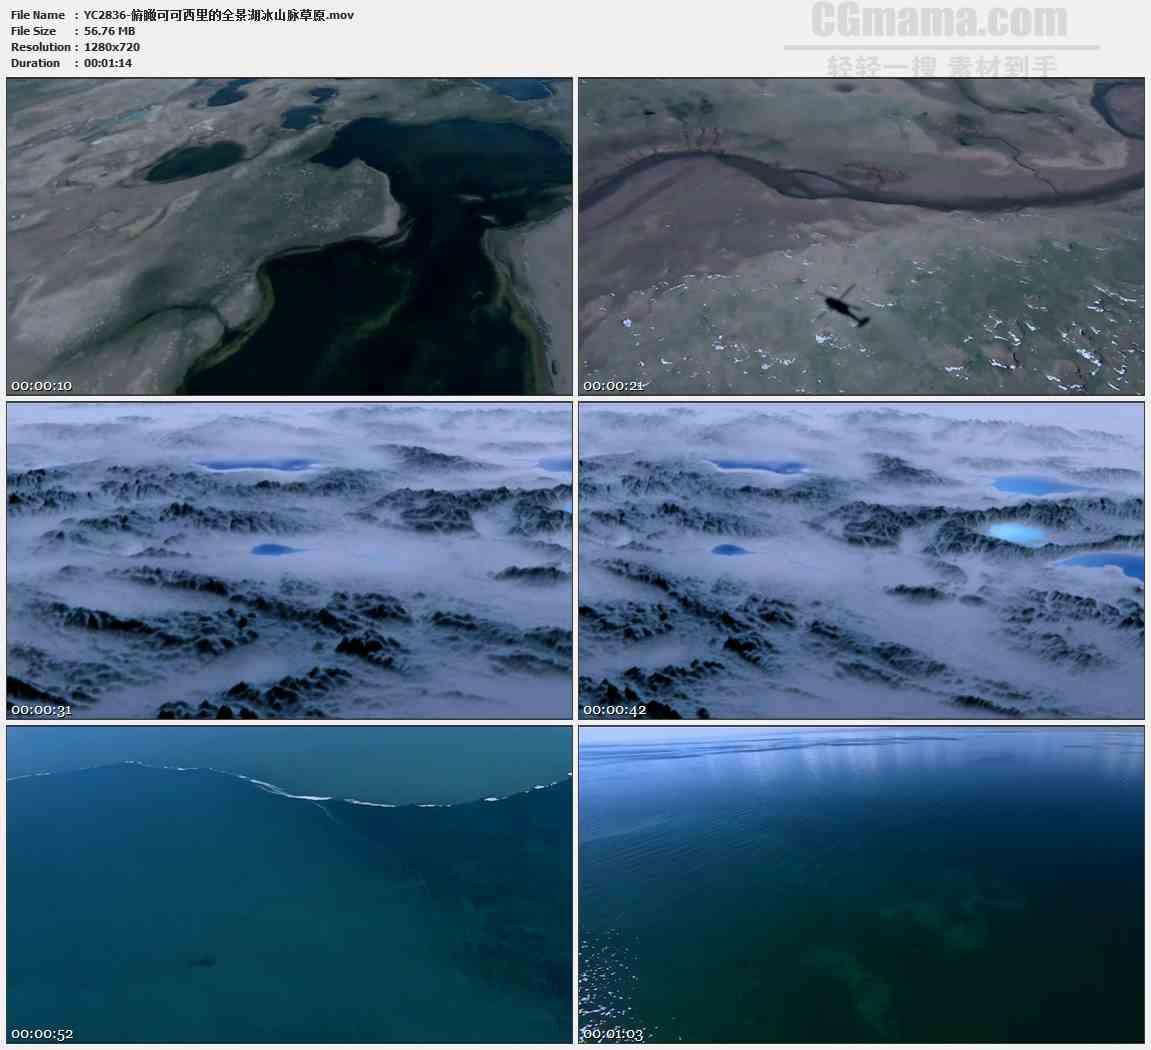 YC2836-俯瞰可可西里的全景湖冰山脉草原高清实拍视频素材